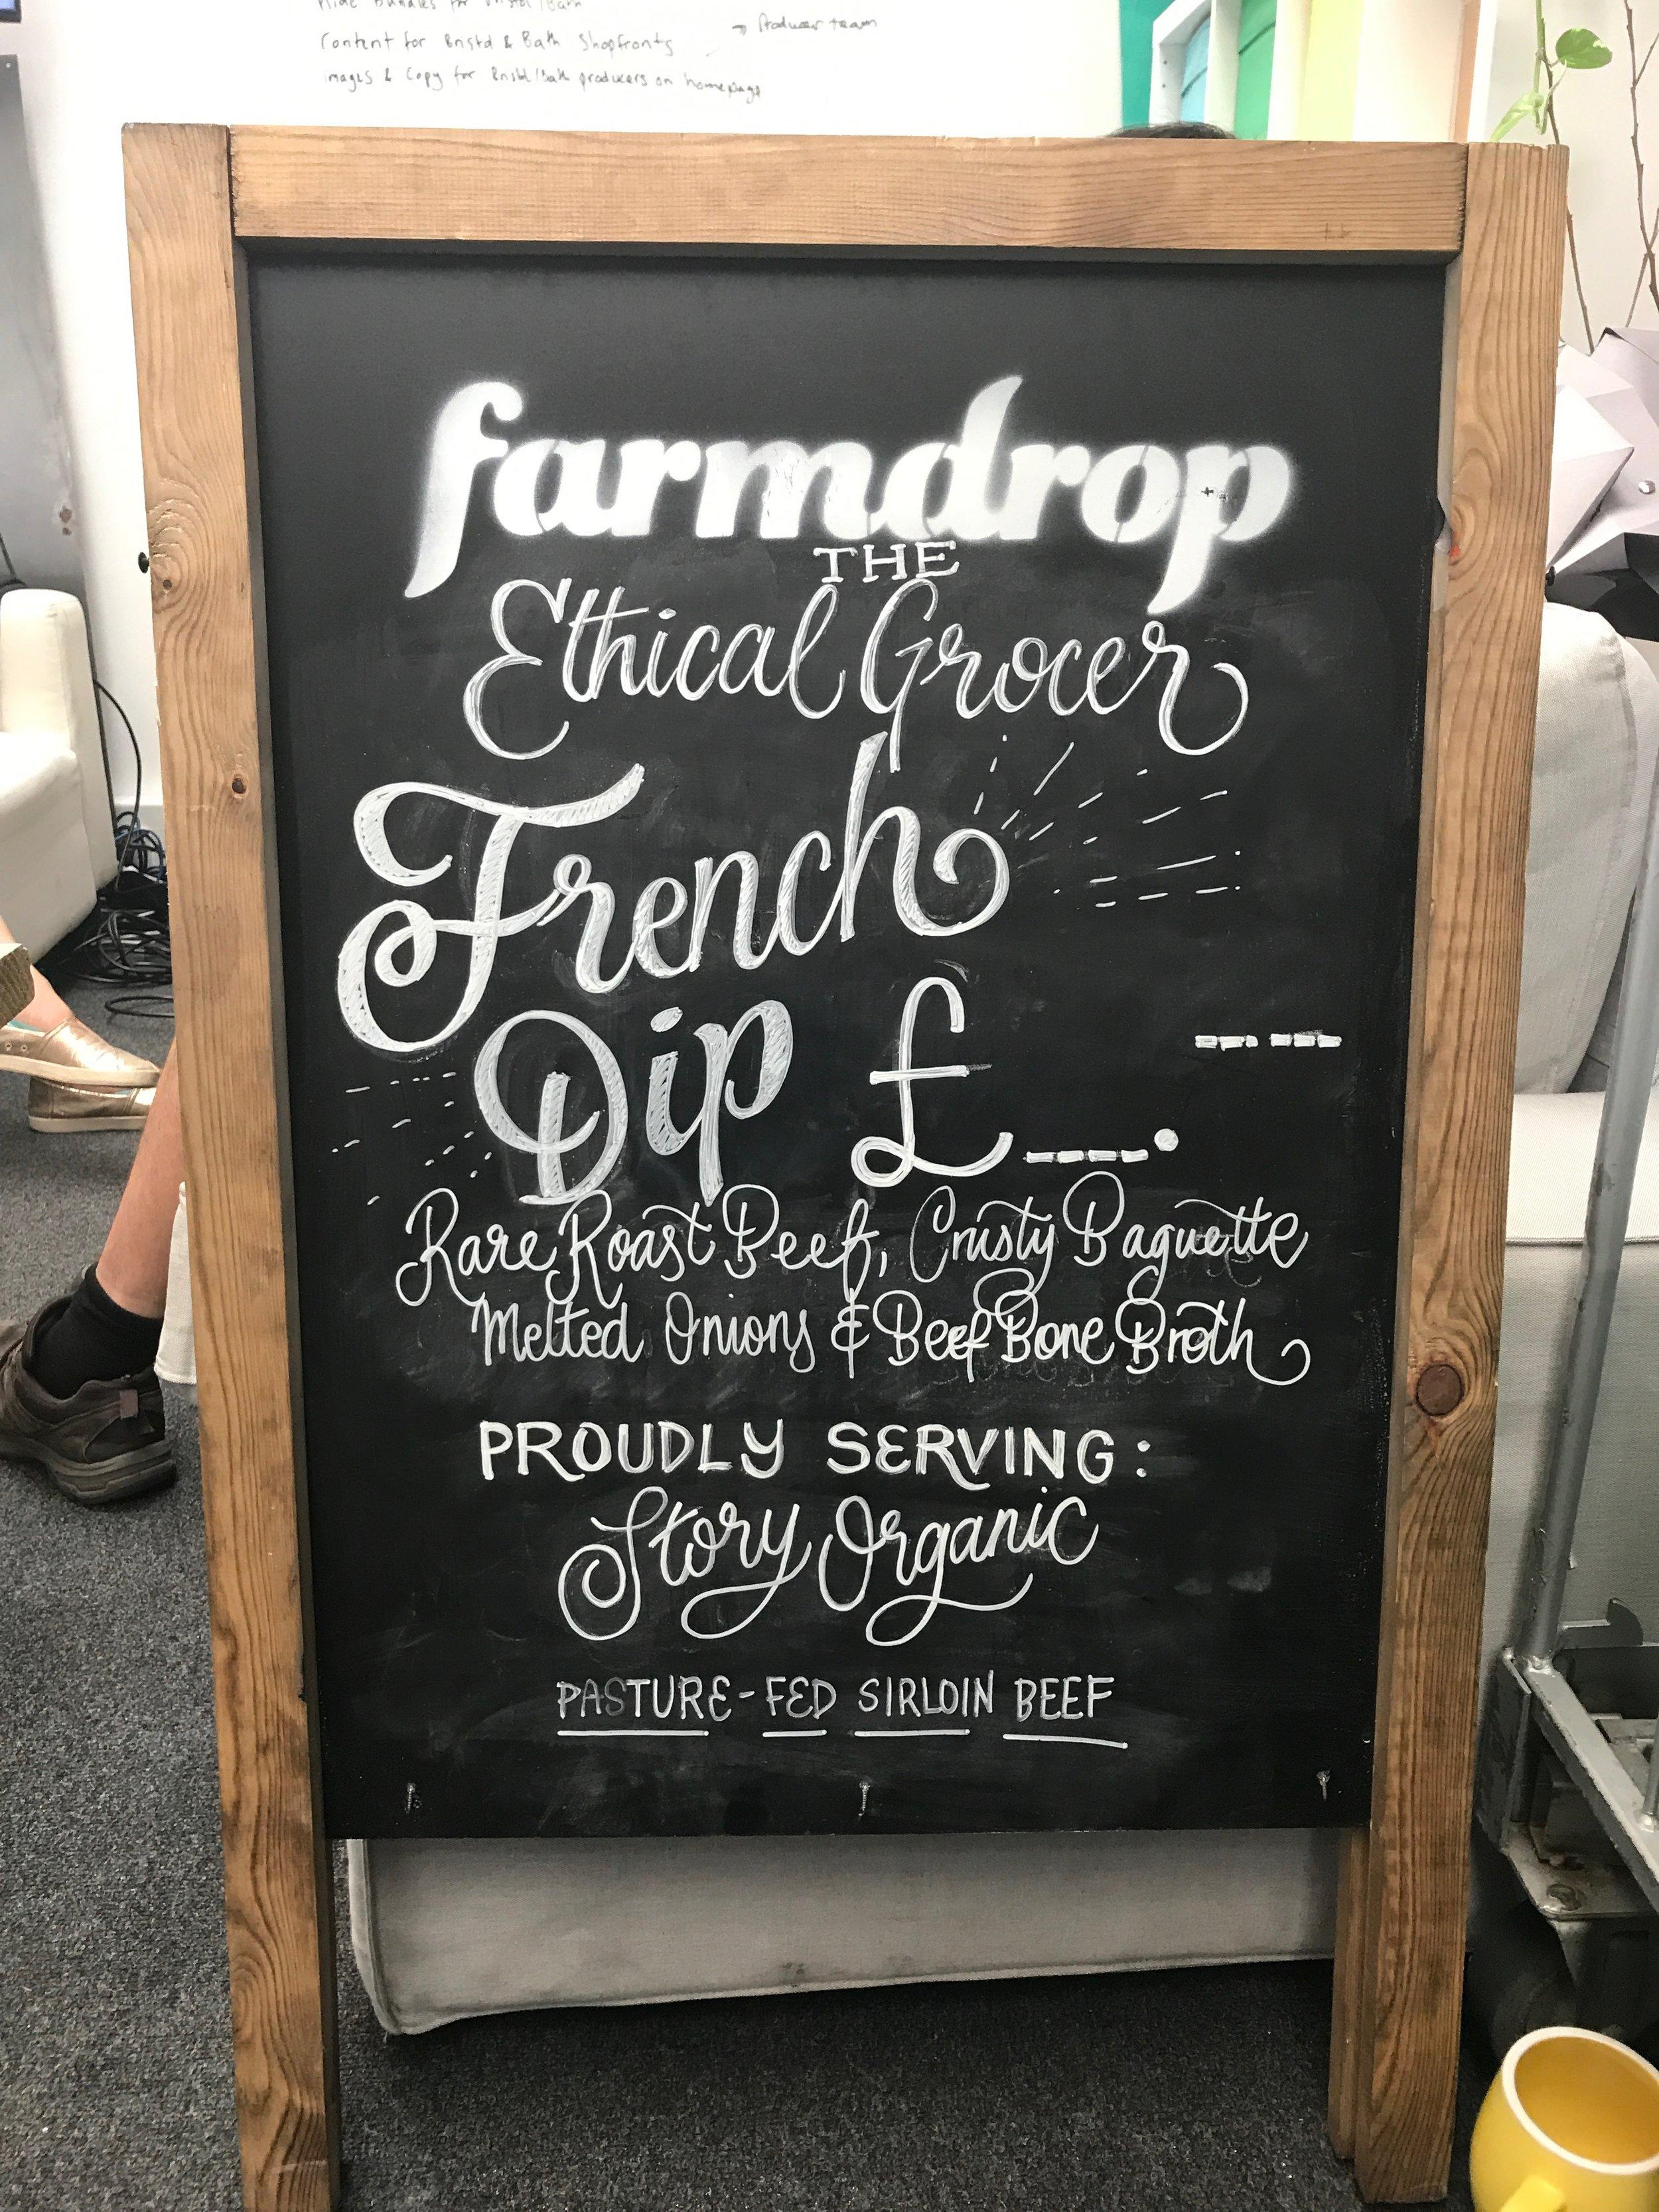 farmdrop-3.jpg